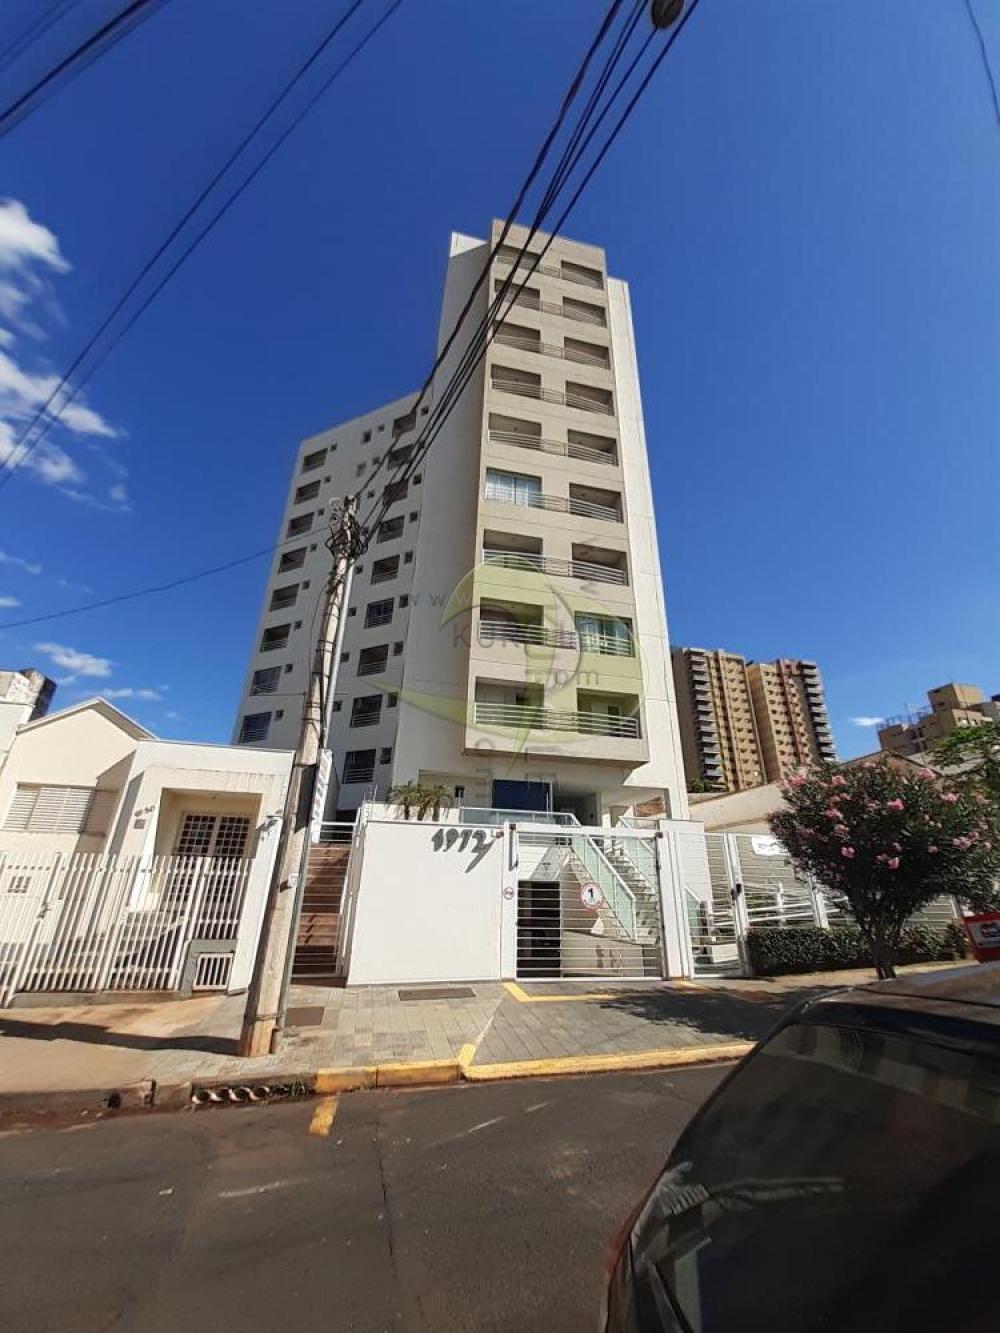 alt='Alugar Apartamento / Cobertura em Ribeirão Preto R$ 11,00 - Foto 34' title='Alugar Apartamento / Cobertura em Ribeirão Preto R$ 11,00 - Foto 34'